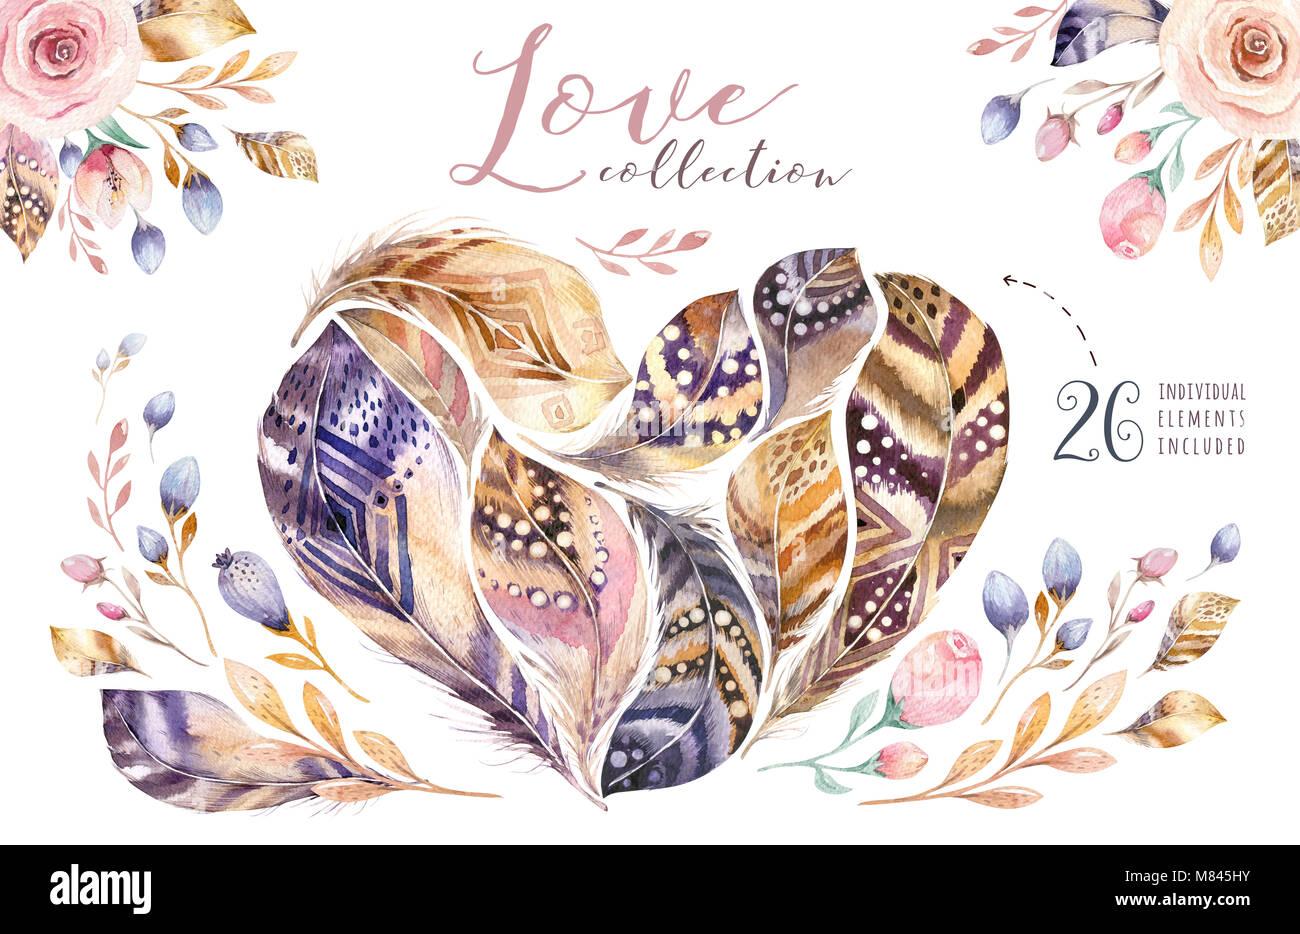 Boho Style Federn Herzform. Liebe Abbildung Auf Weißen Isoliert. Valntines  Vogel Fliegen Design Für T Shirt, Einladung, Hochzeit Karte. Helle Farben.